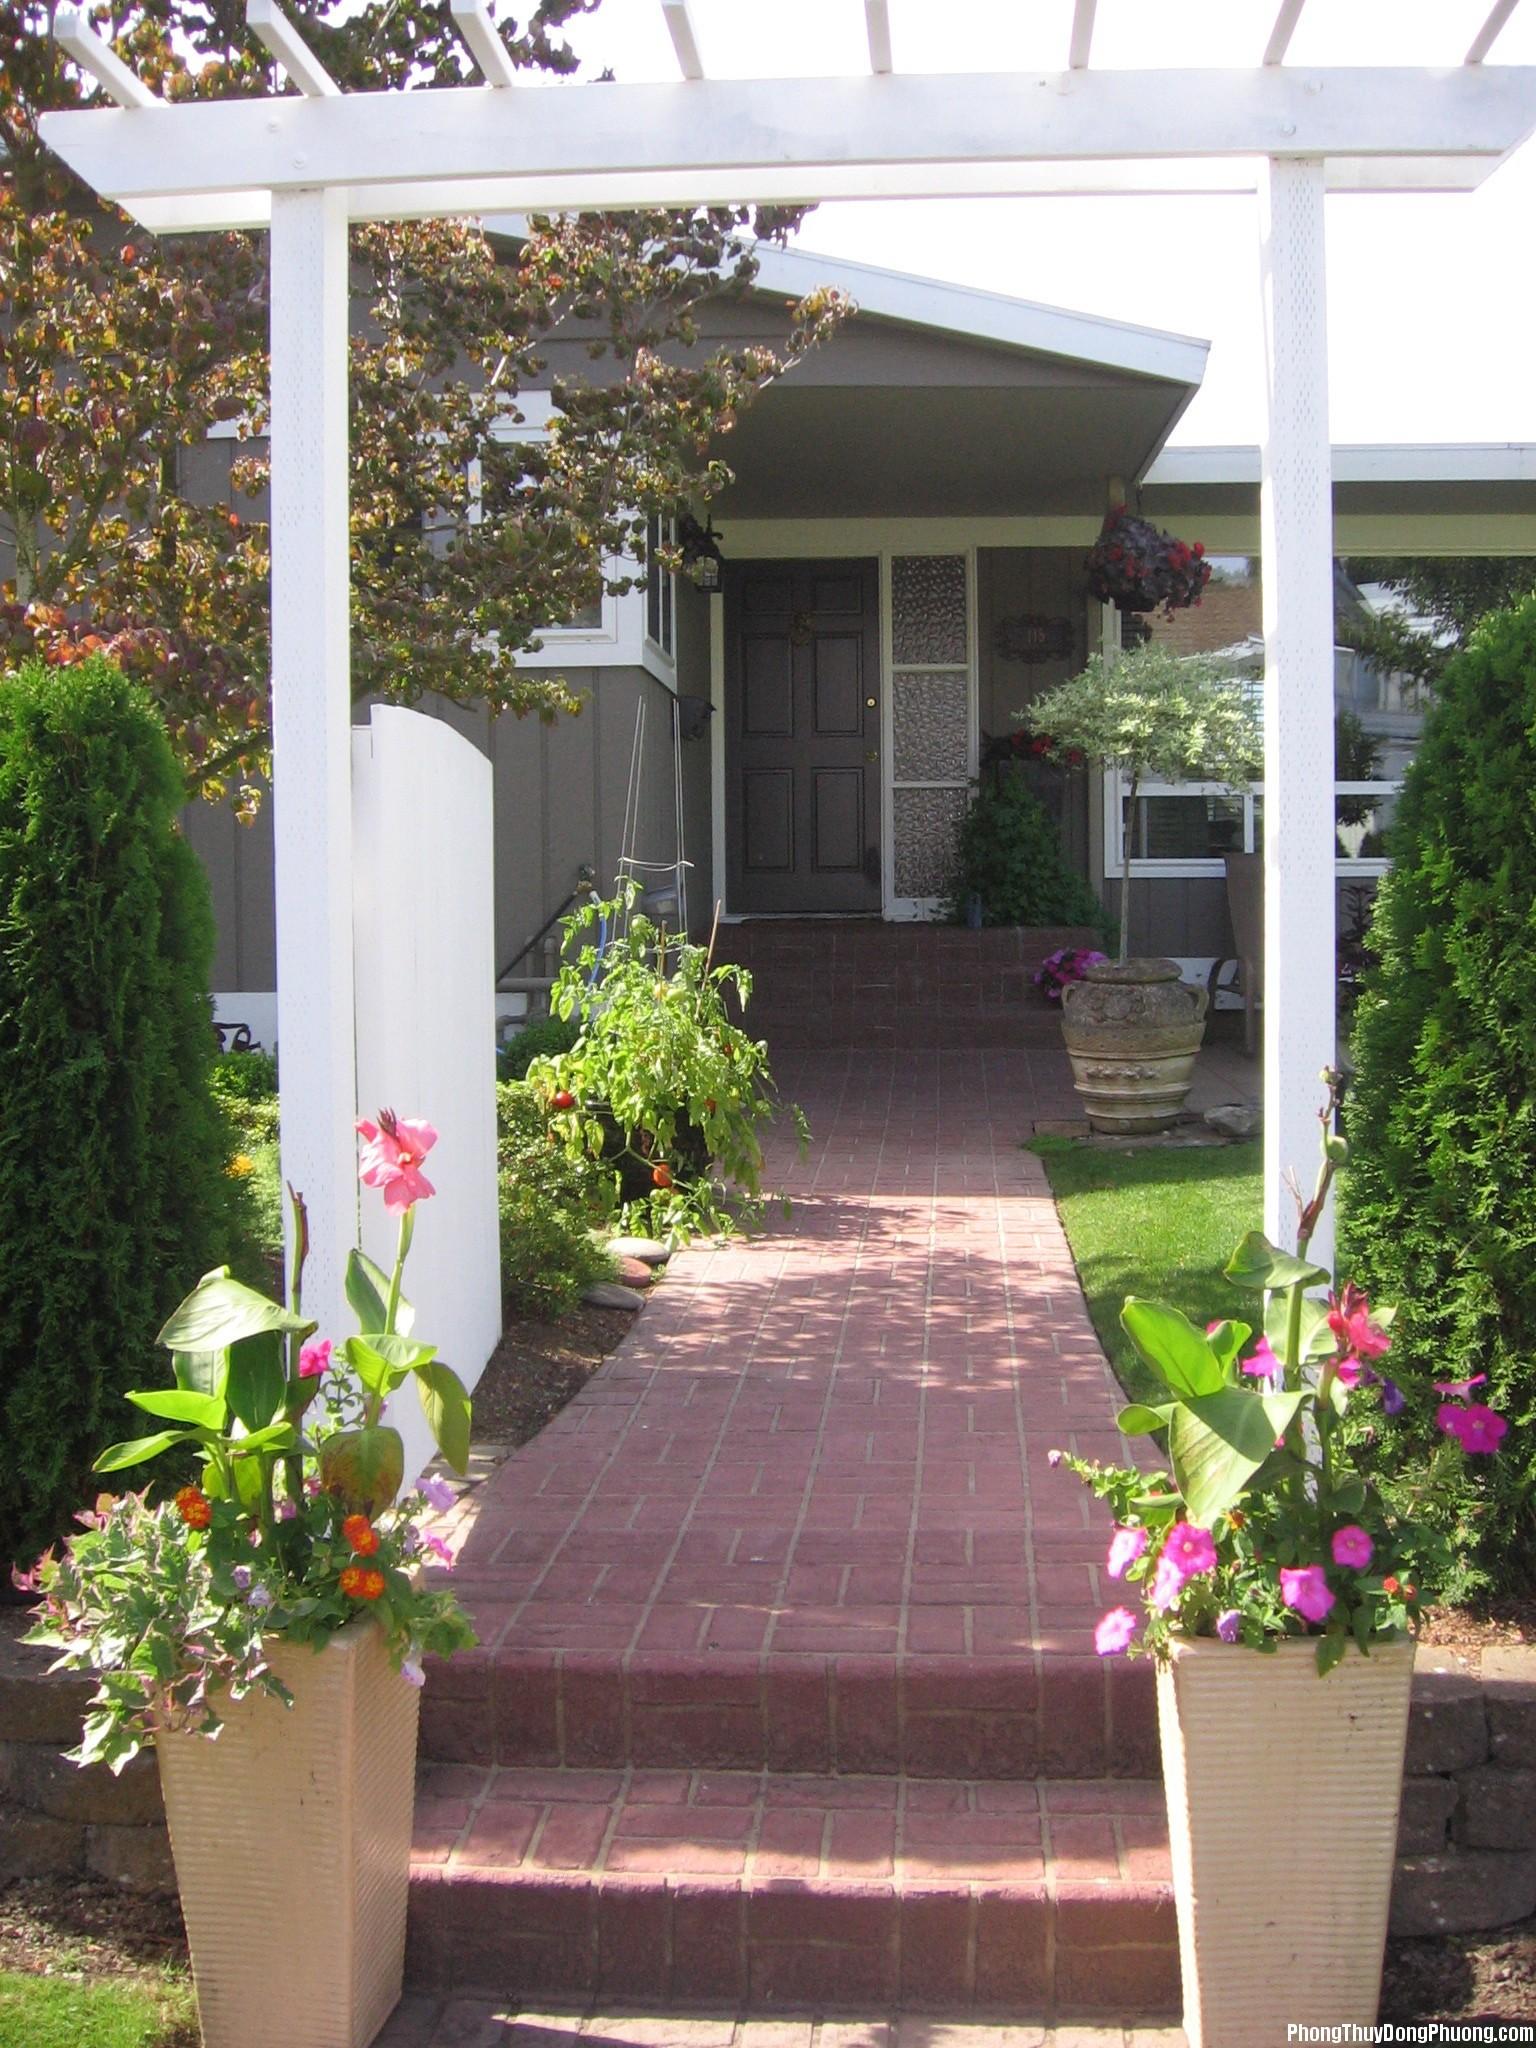 20131114074346307 Chỉ cần đường vào nhà, lối đi và cửa trước hợp phong thủy lo gì không có tiền tiêu